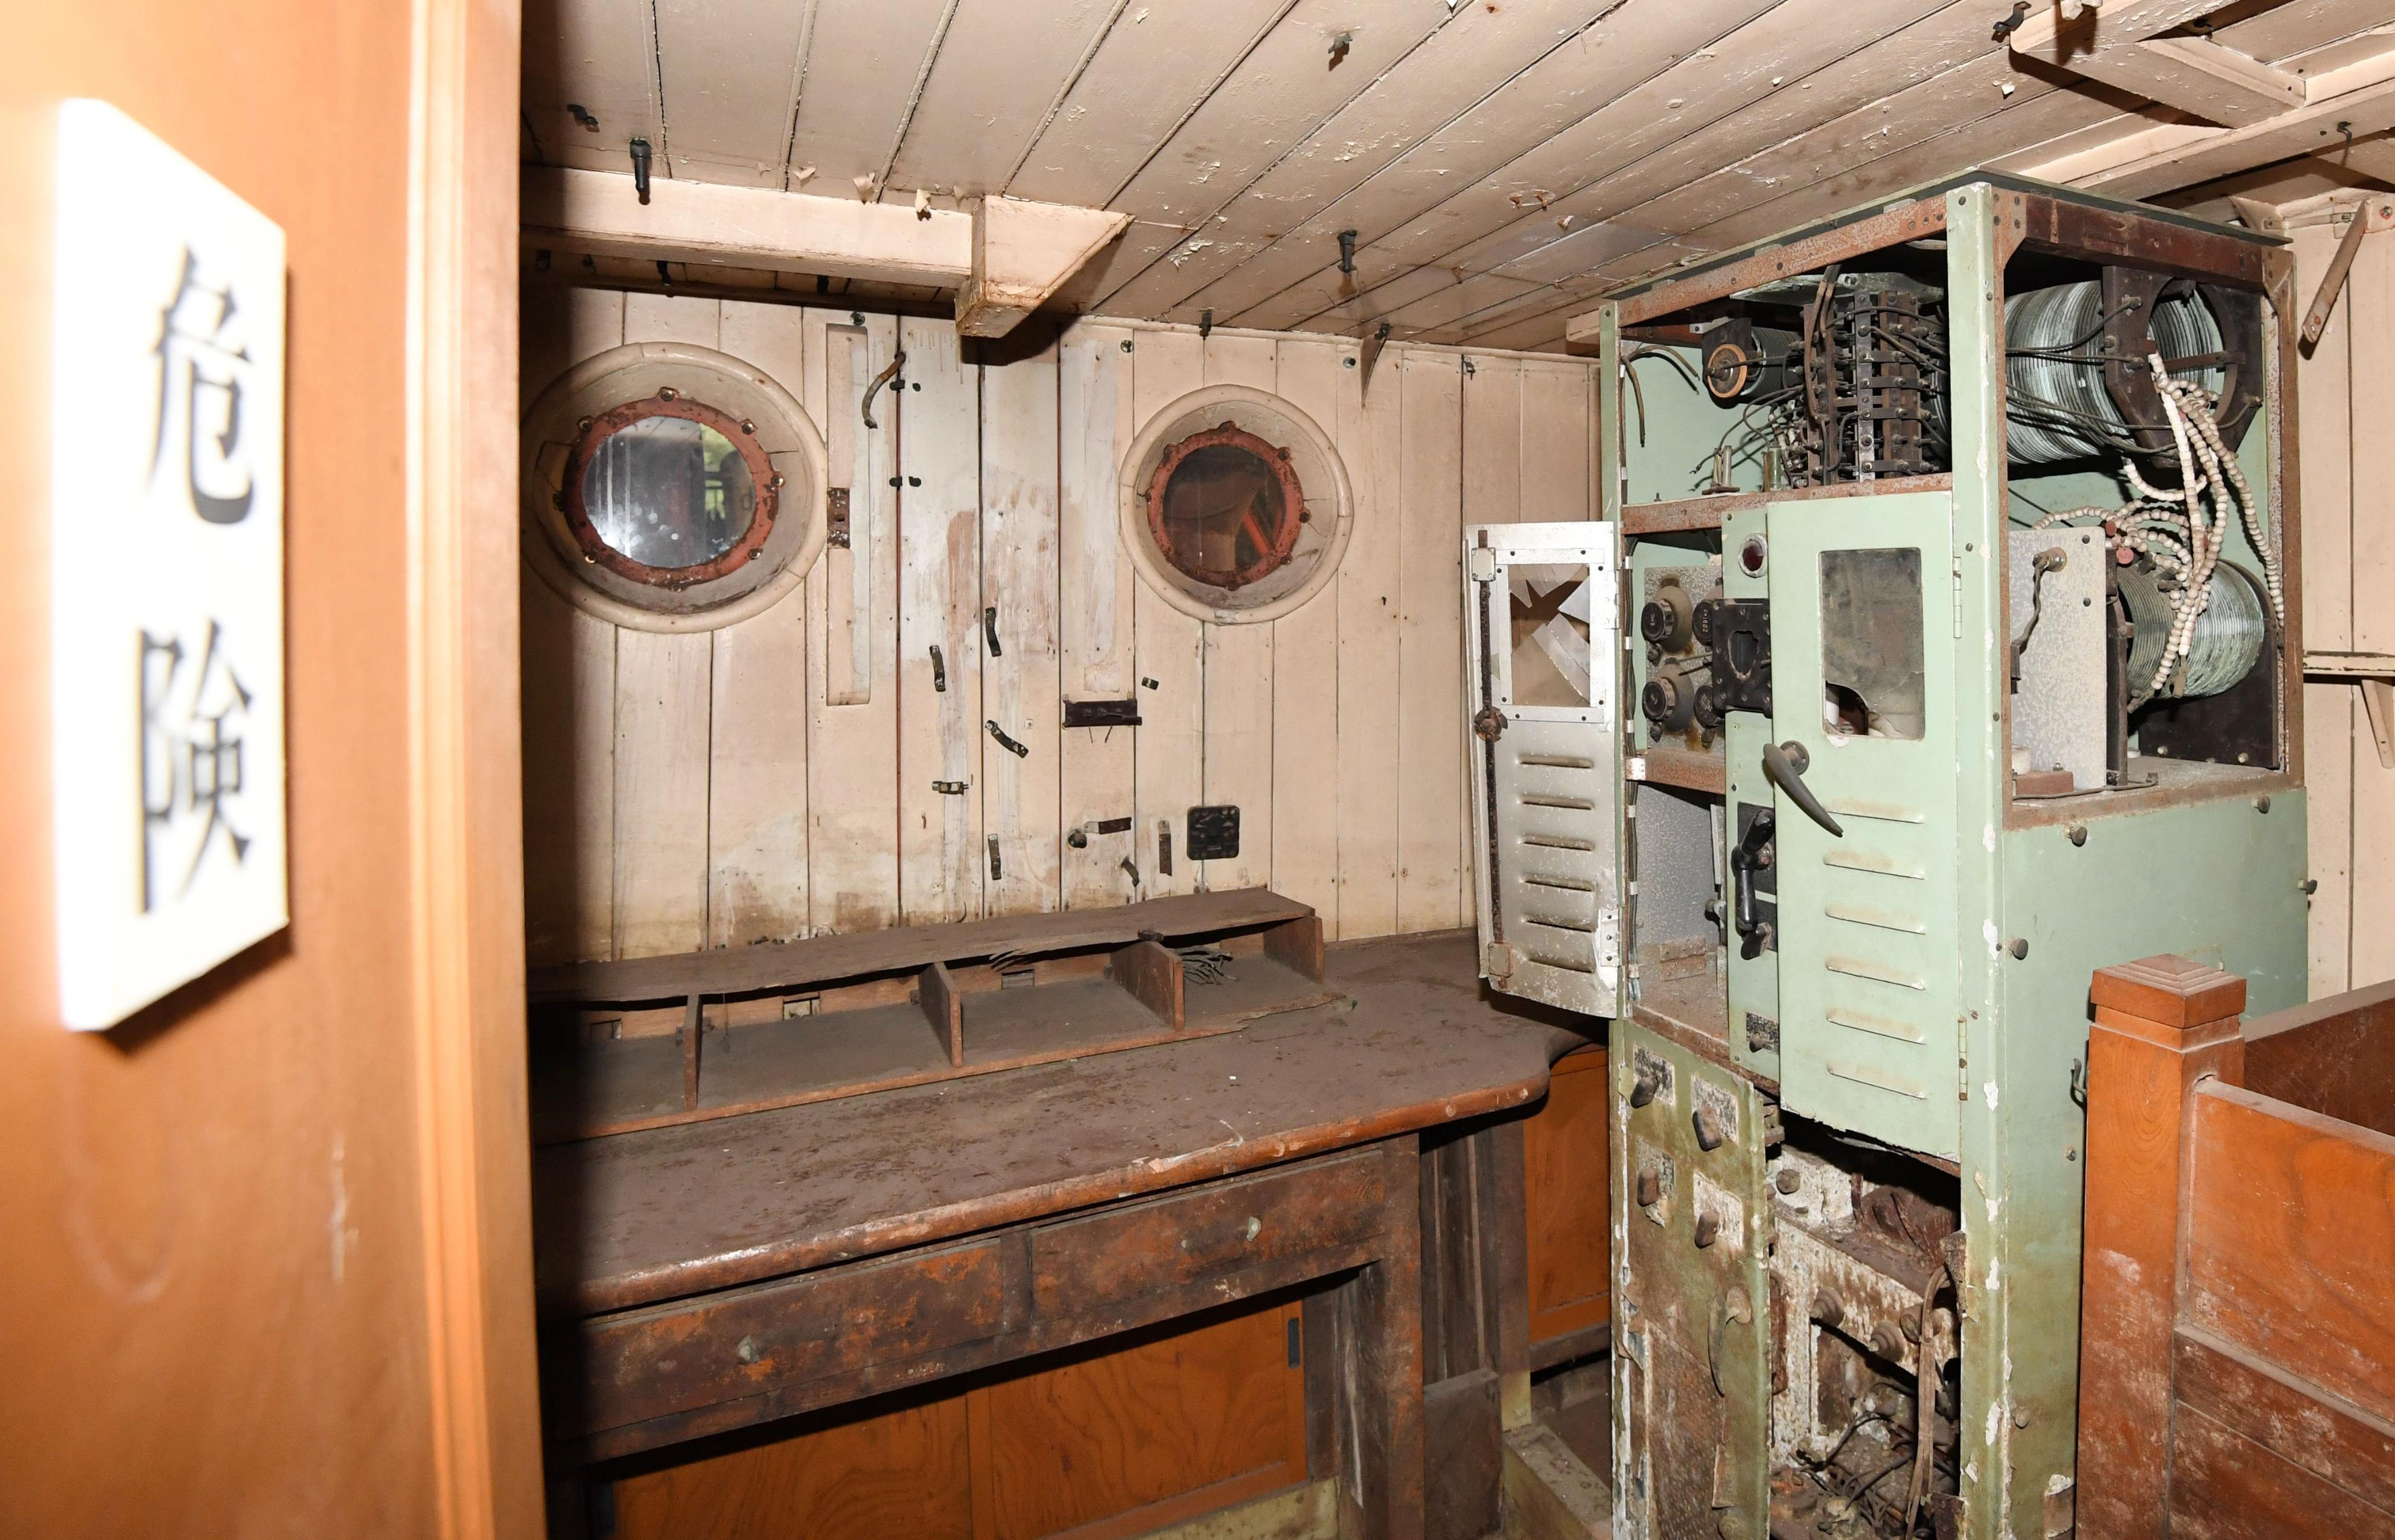 Rare photos show inside of Fukuryu Maru No. 5